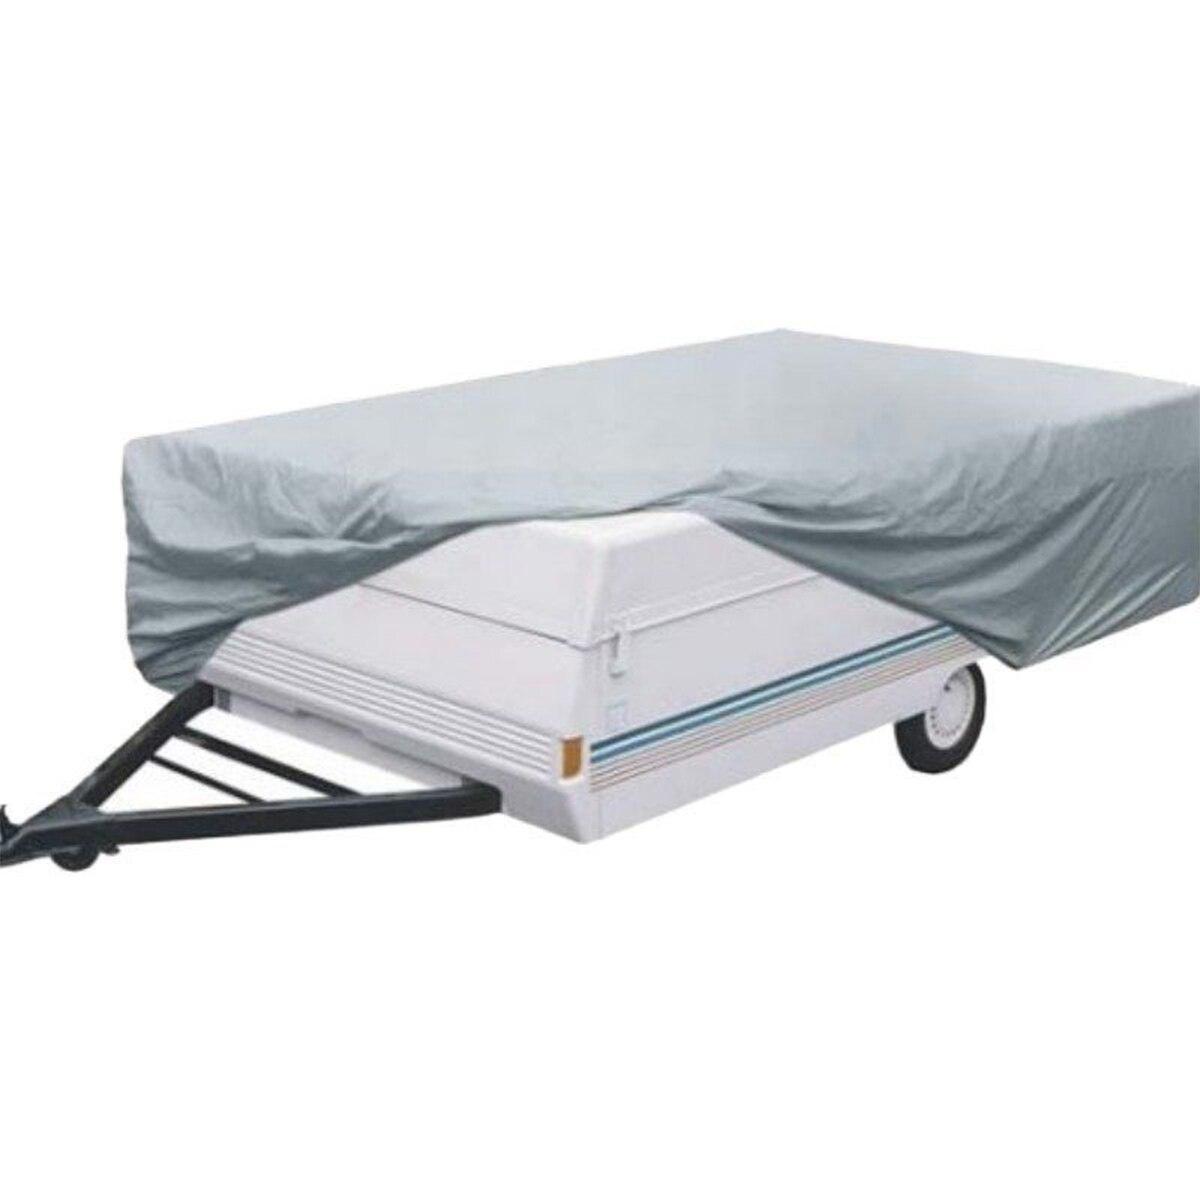 Couverture de remorque pliable universelle 210D Oxford Polyester tissu imperméable UV protection de Camping en plein air pour RV 366x220x120 cm